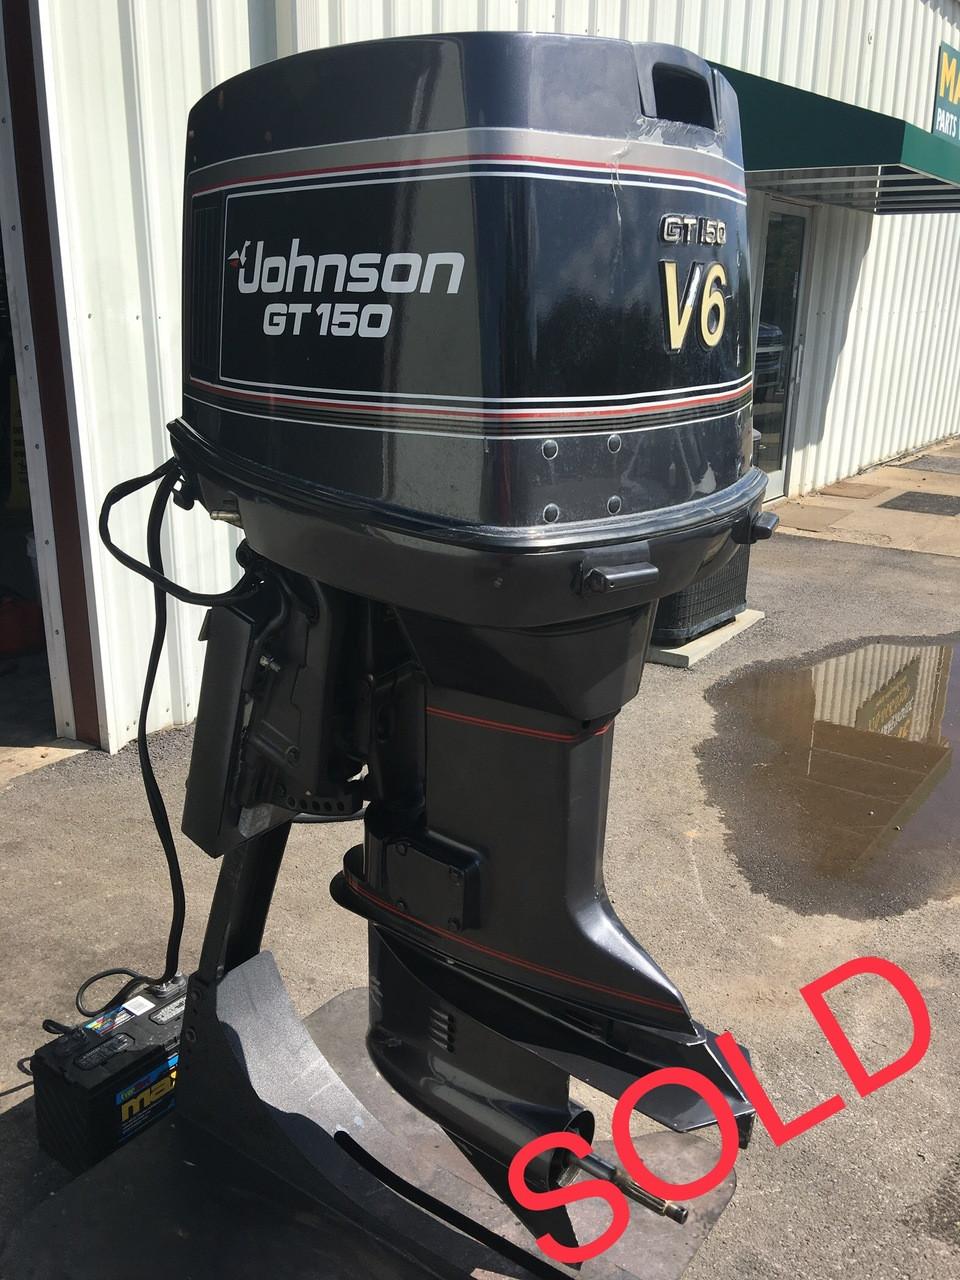 1989 Johnson GT150 V6 Carbureted 2-Stroke 20